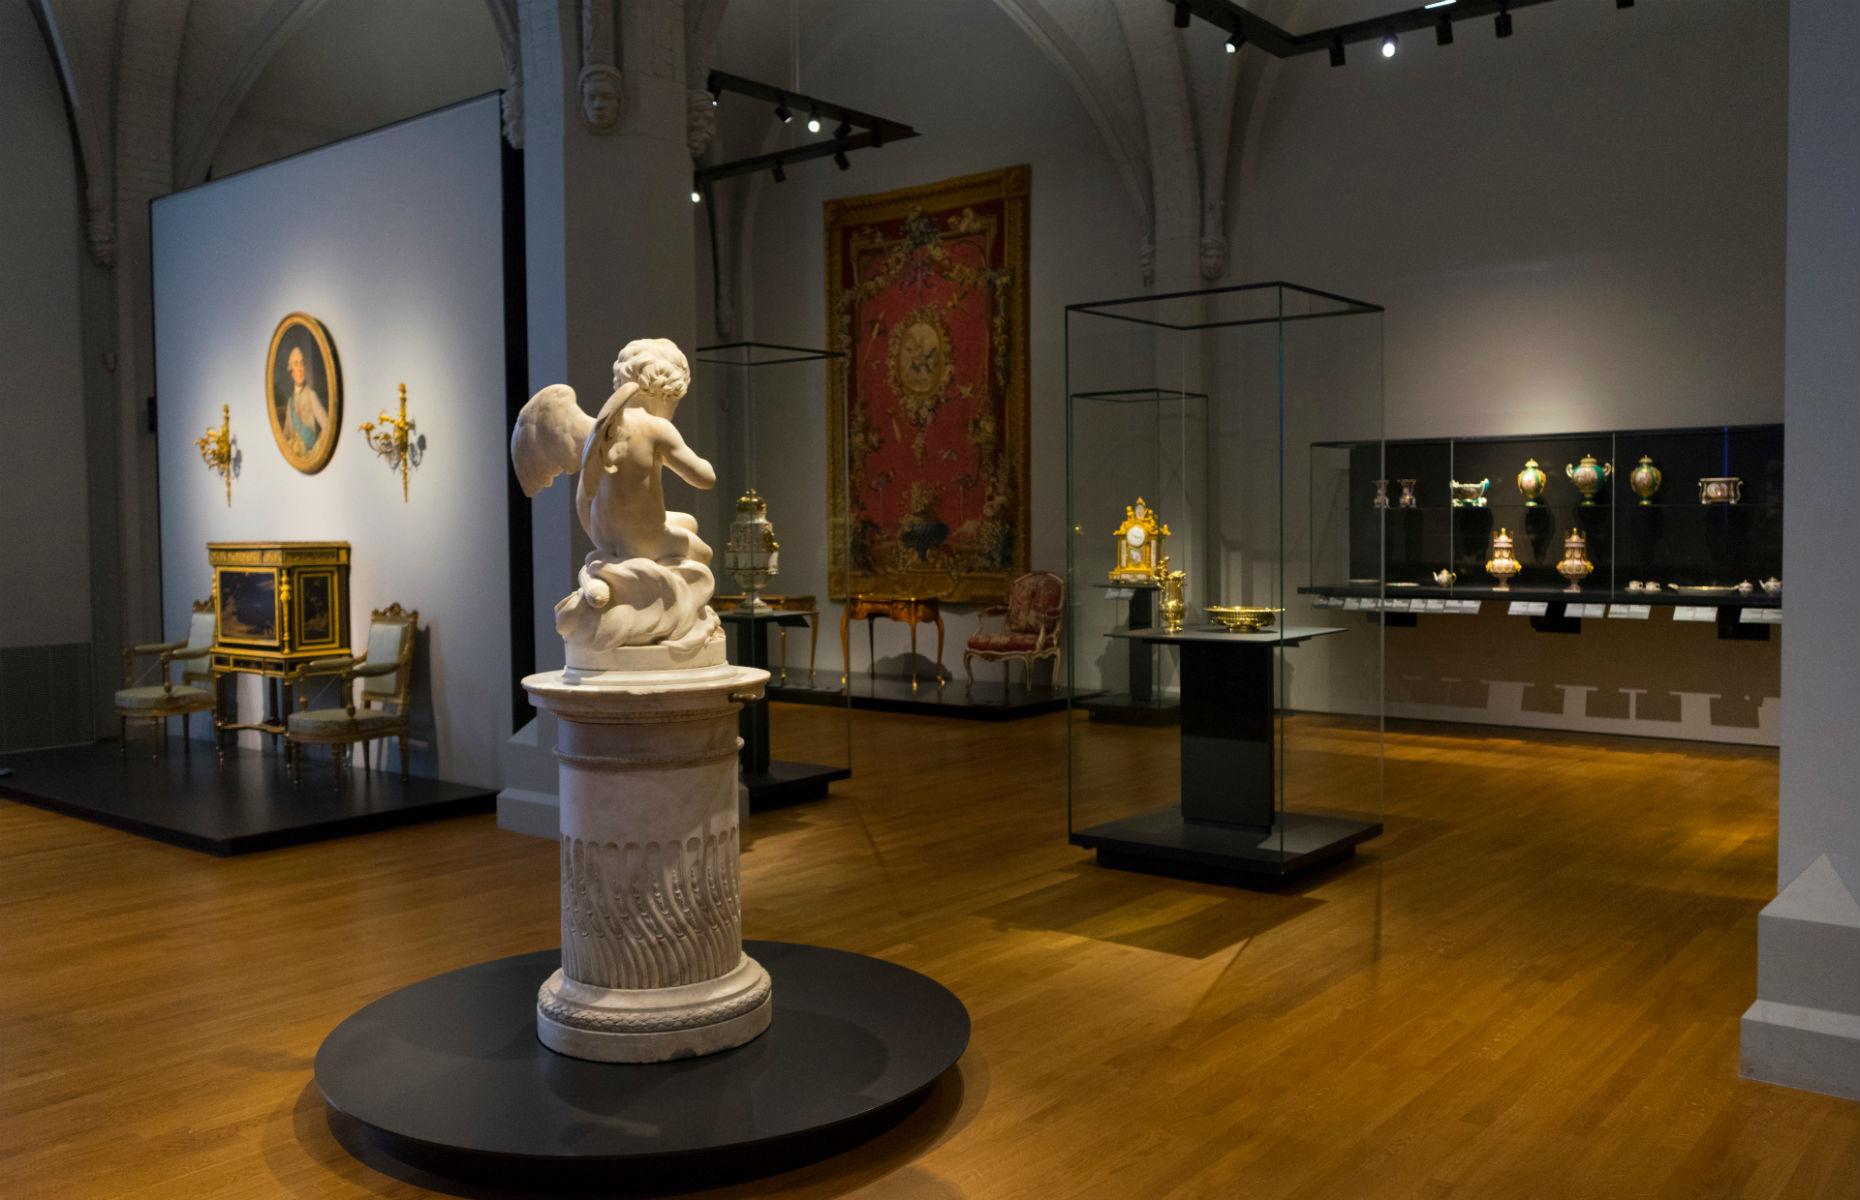 Rijksmuseum (Image: ben bryant/Shutterstock)